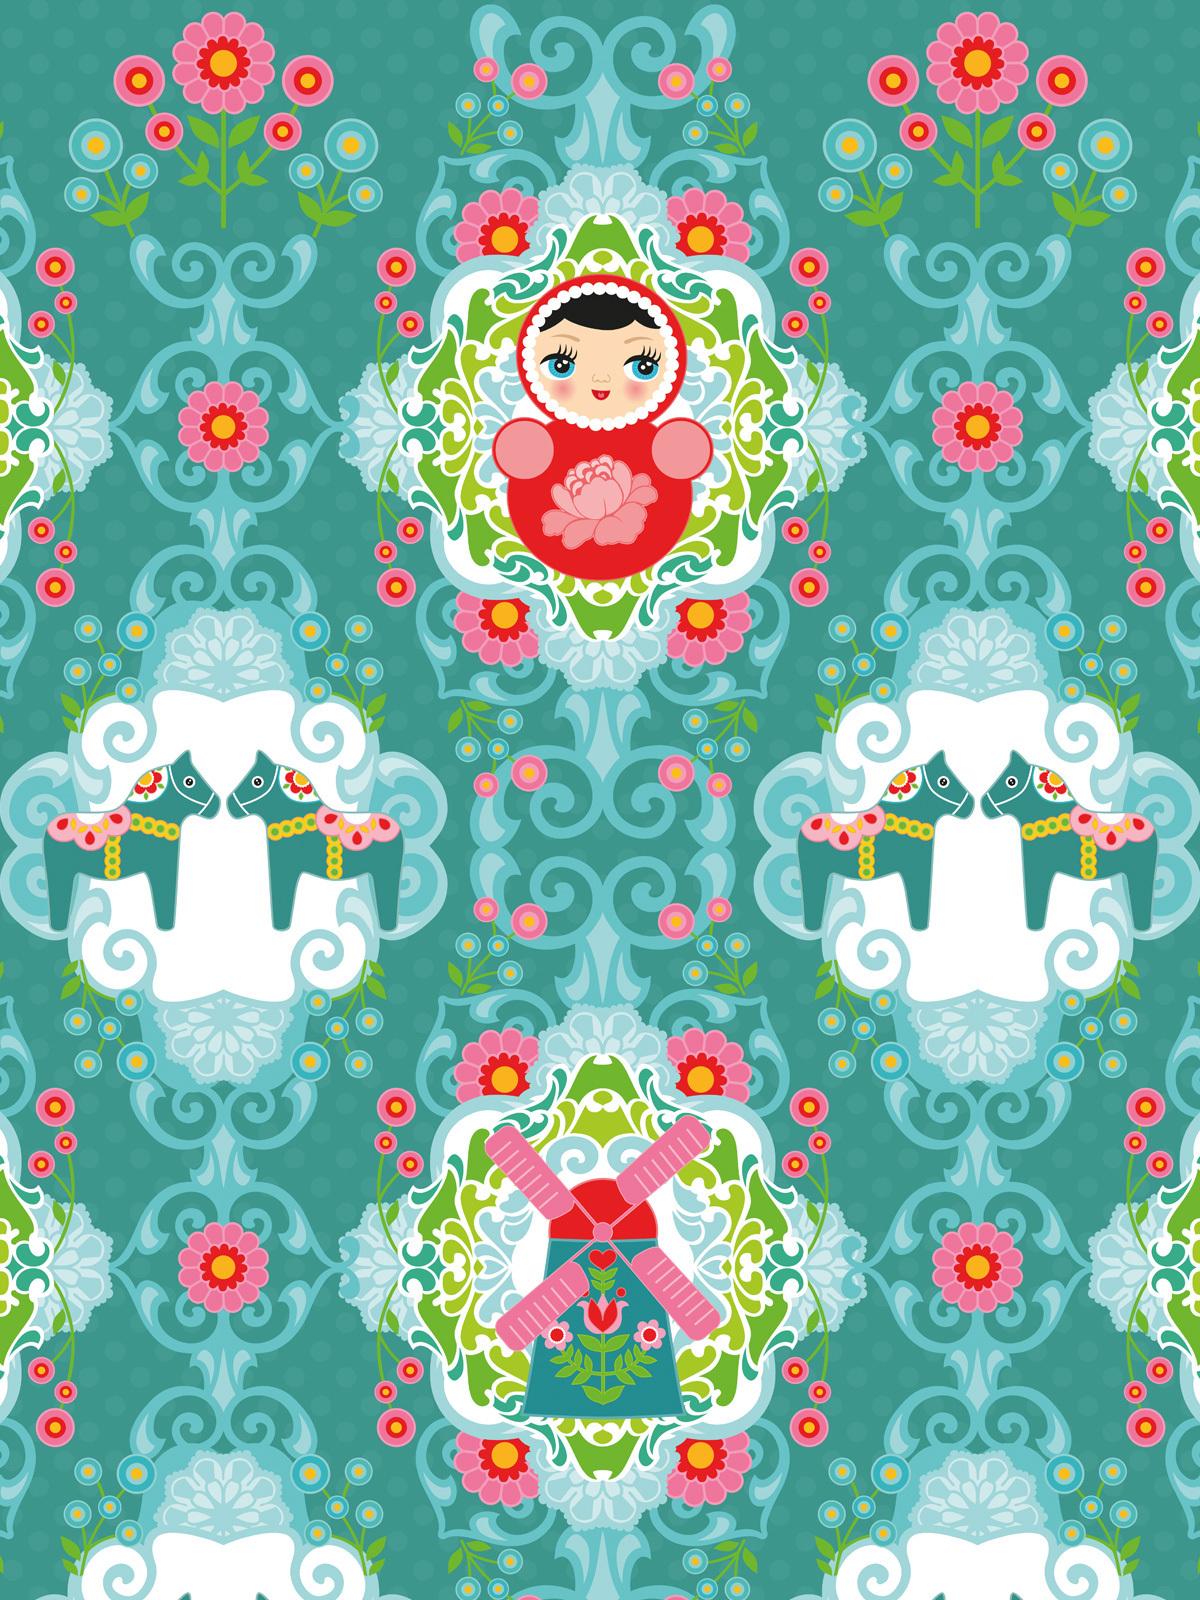 Full Size of Kinderzimmer Tapete Matroschka Wohnzimmer Tapeten Ideen Regal Fototapeten Weiß Für Küche Regale Sofa Schlafzimmer Die Kinderzimmer Tapeten Kinderzimmer